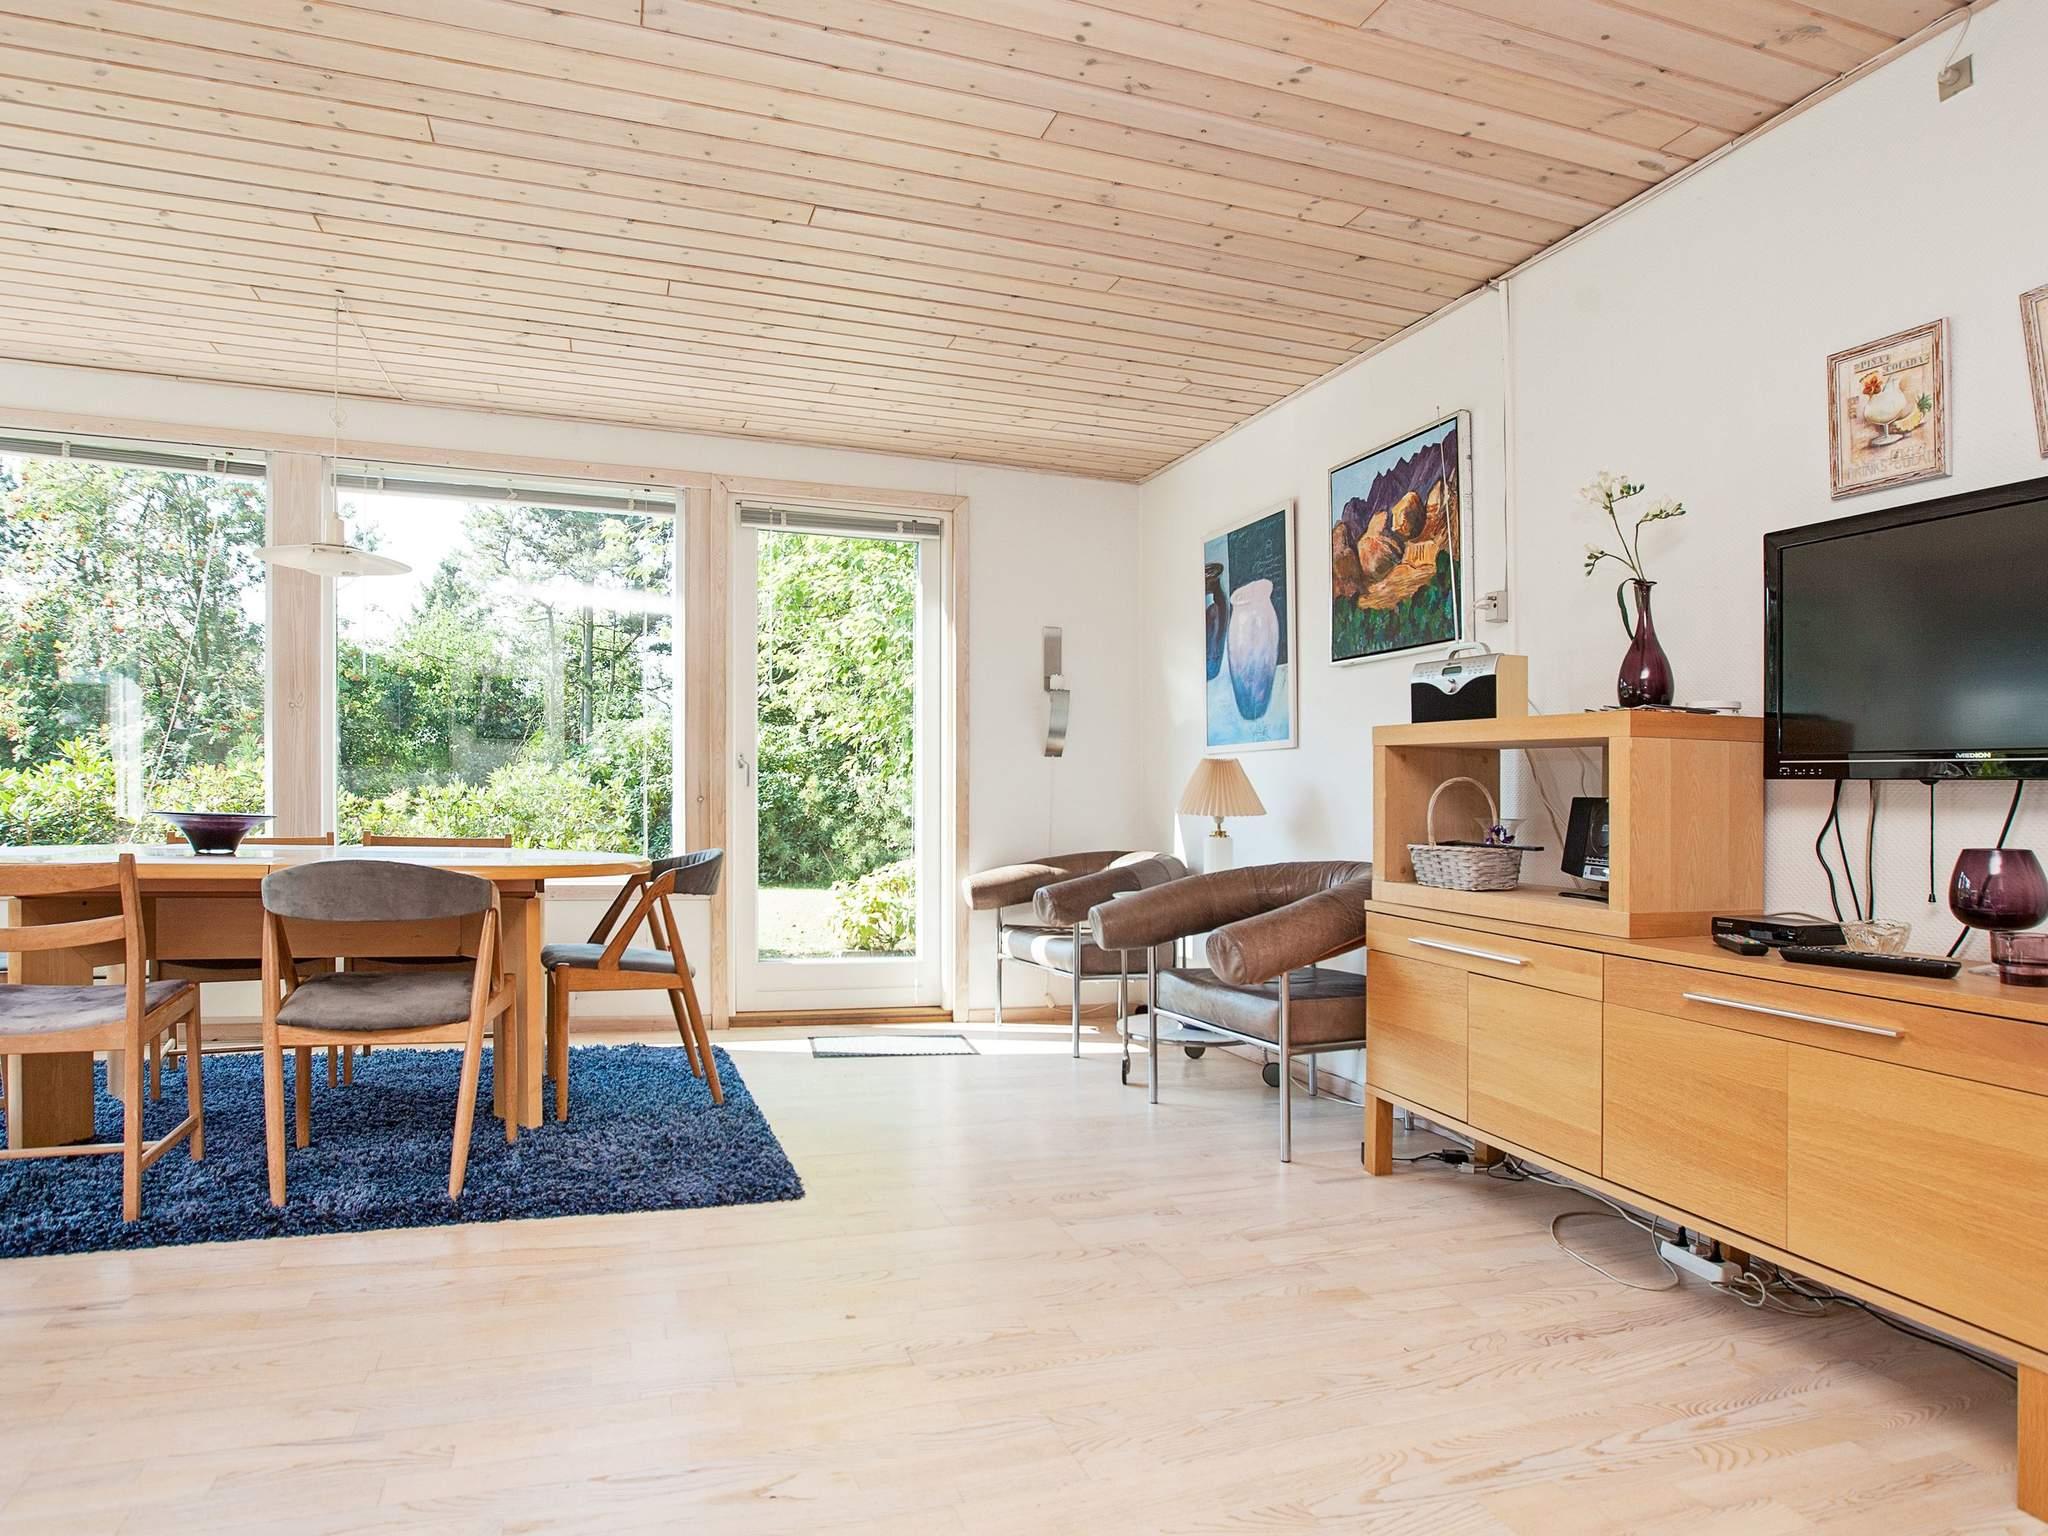 Ferienhaus Marielyst (83778), Marielyst, , Falster, Dänemark, Bild 2